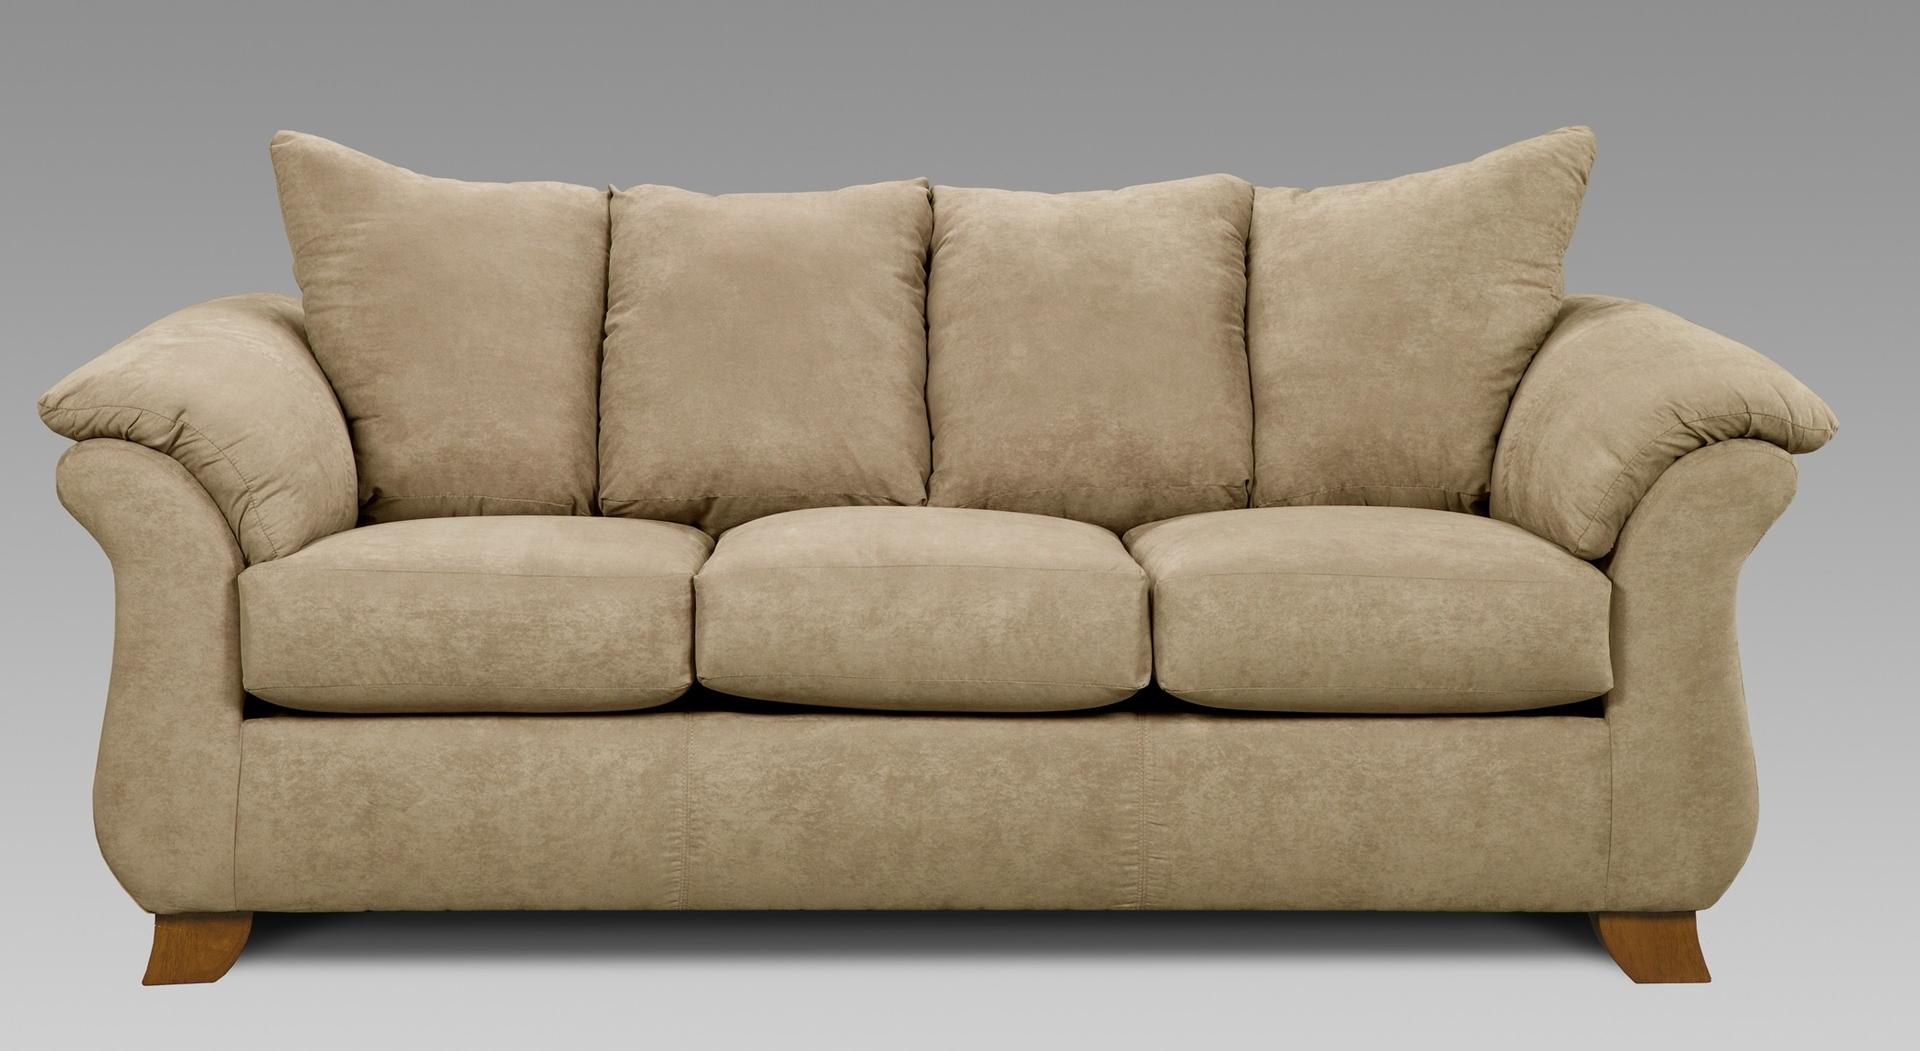 Tuscaloosa Sectional Sofas With Regard To 2019 Sofas: Tuscaloosa, Al: Southeastern Furniture (Gallery 6 of 20)